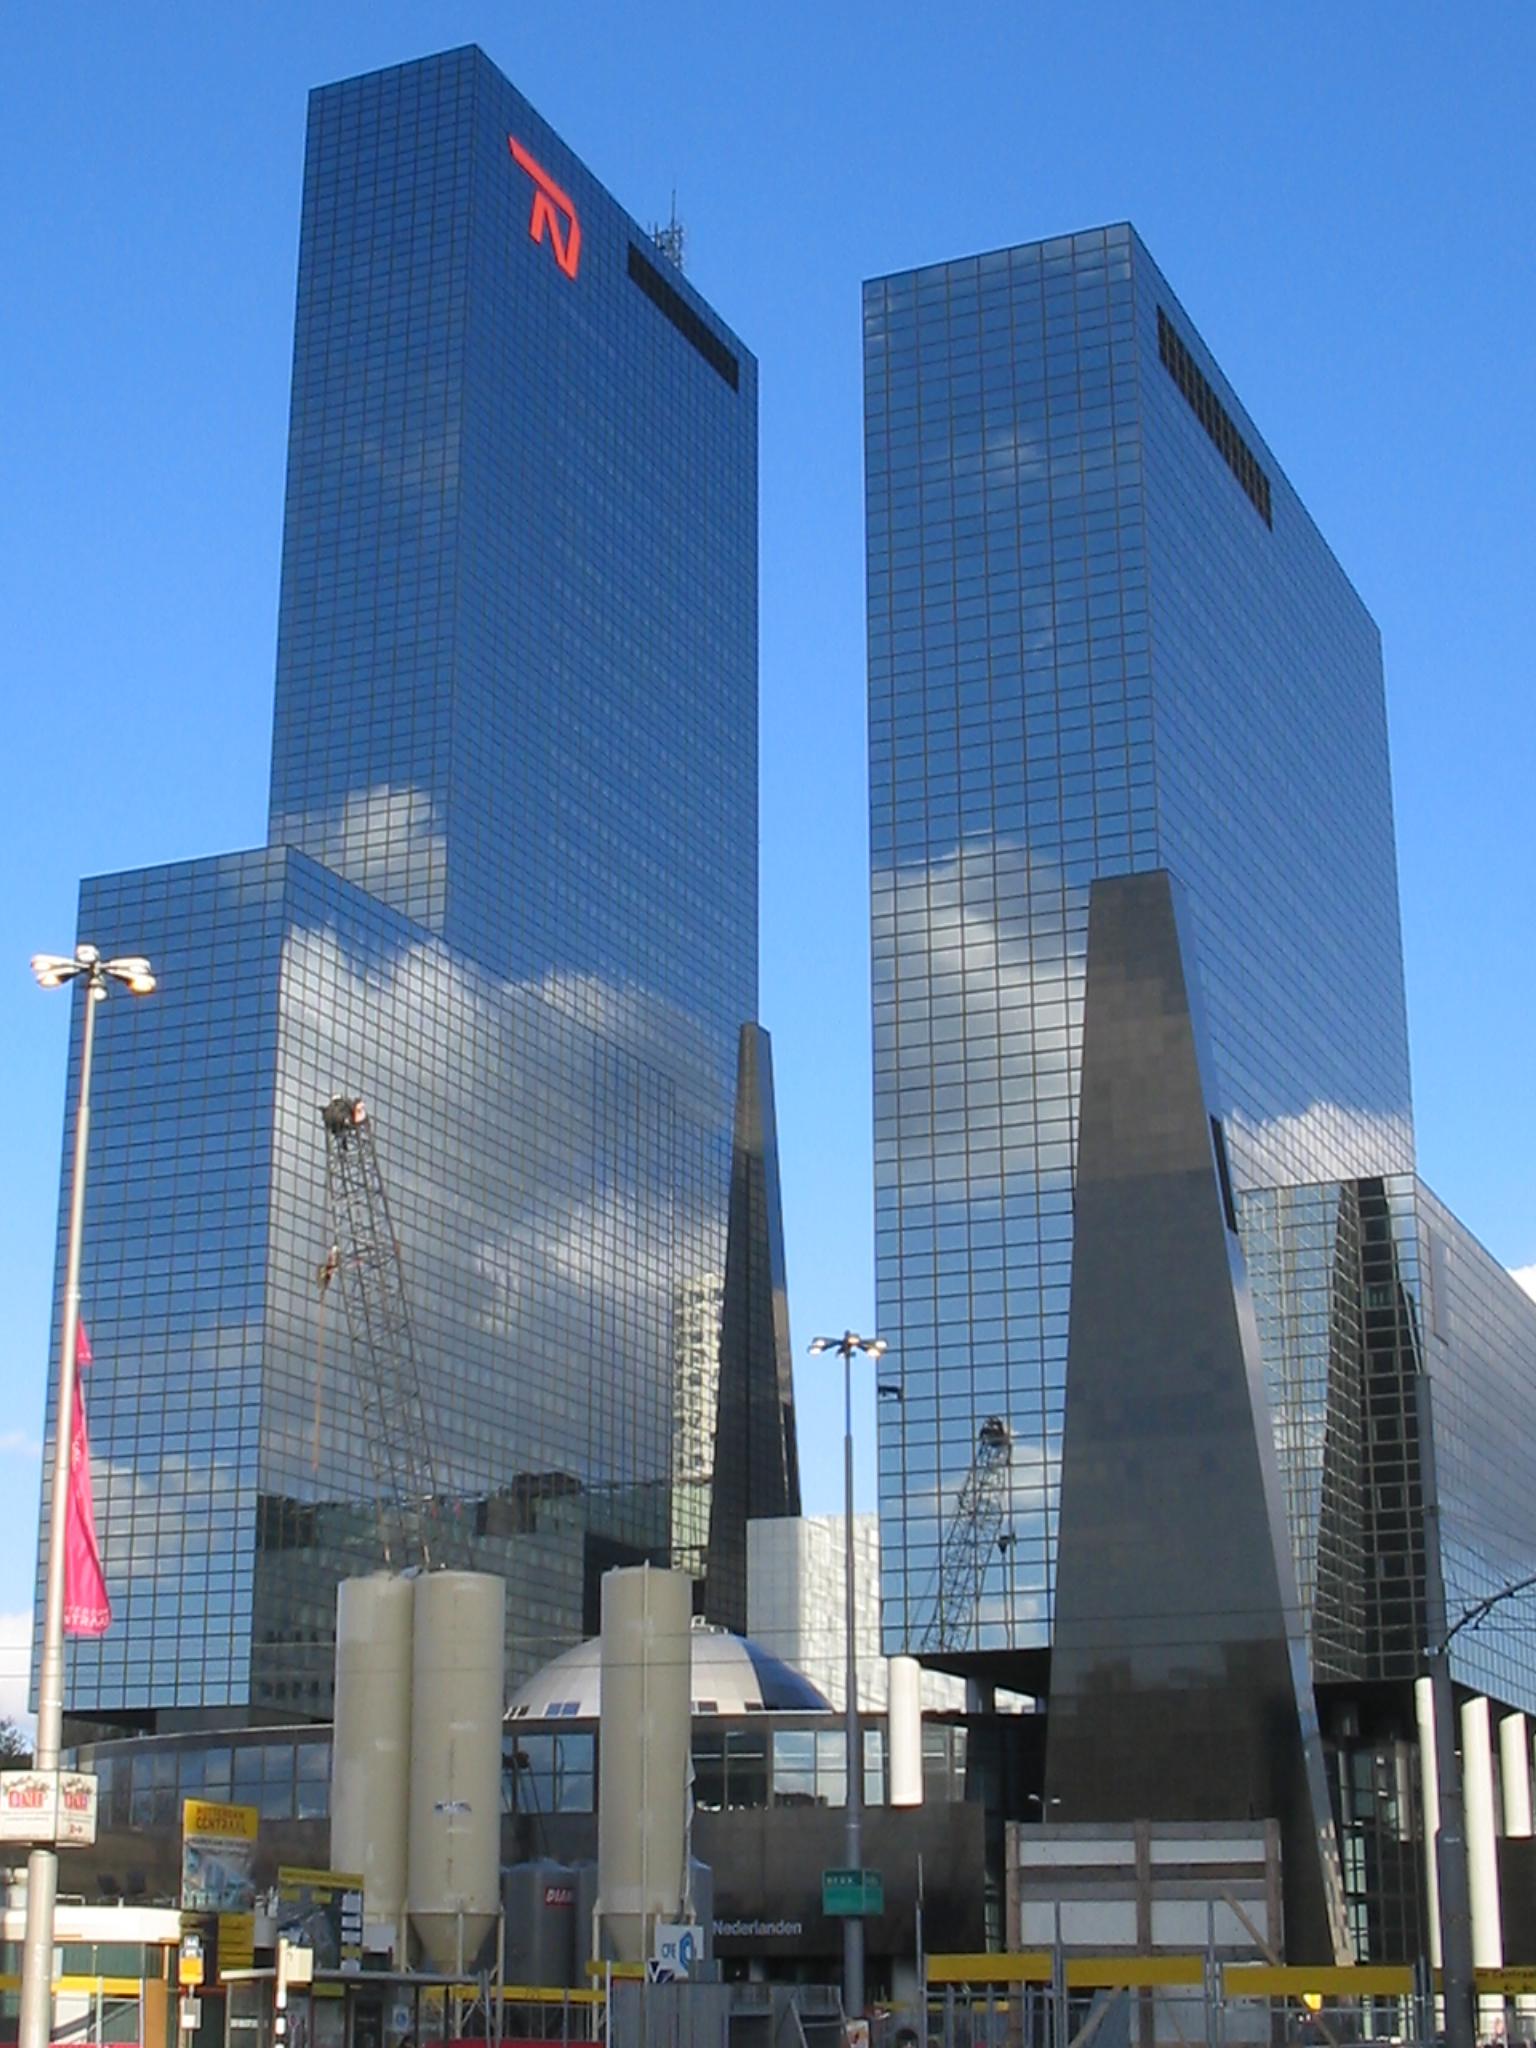 Nationale-Nederlanden Bank en Woonnu sluiten zich aan bij Europese duurzaamheidsinitiatieven